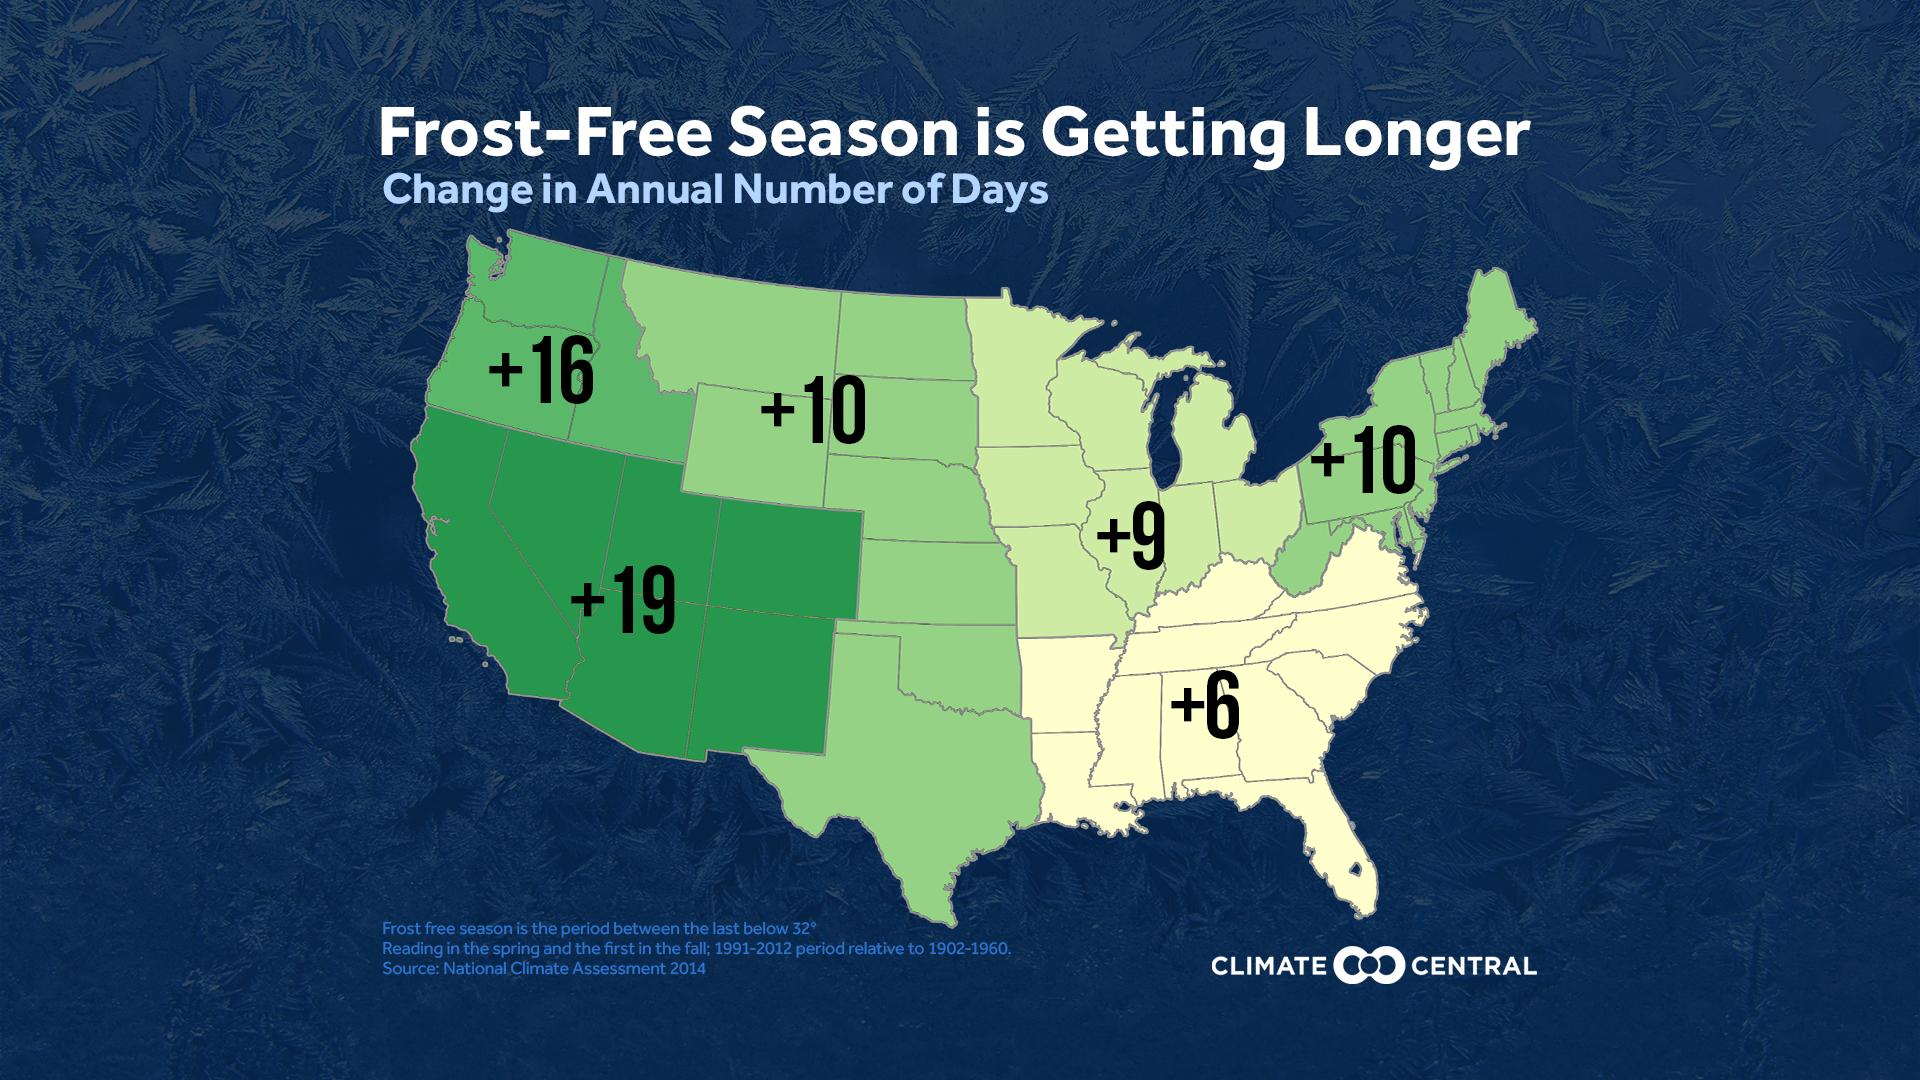 Frost-Free Season